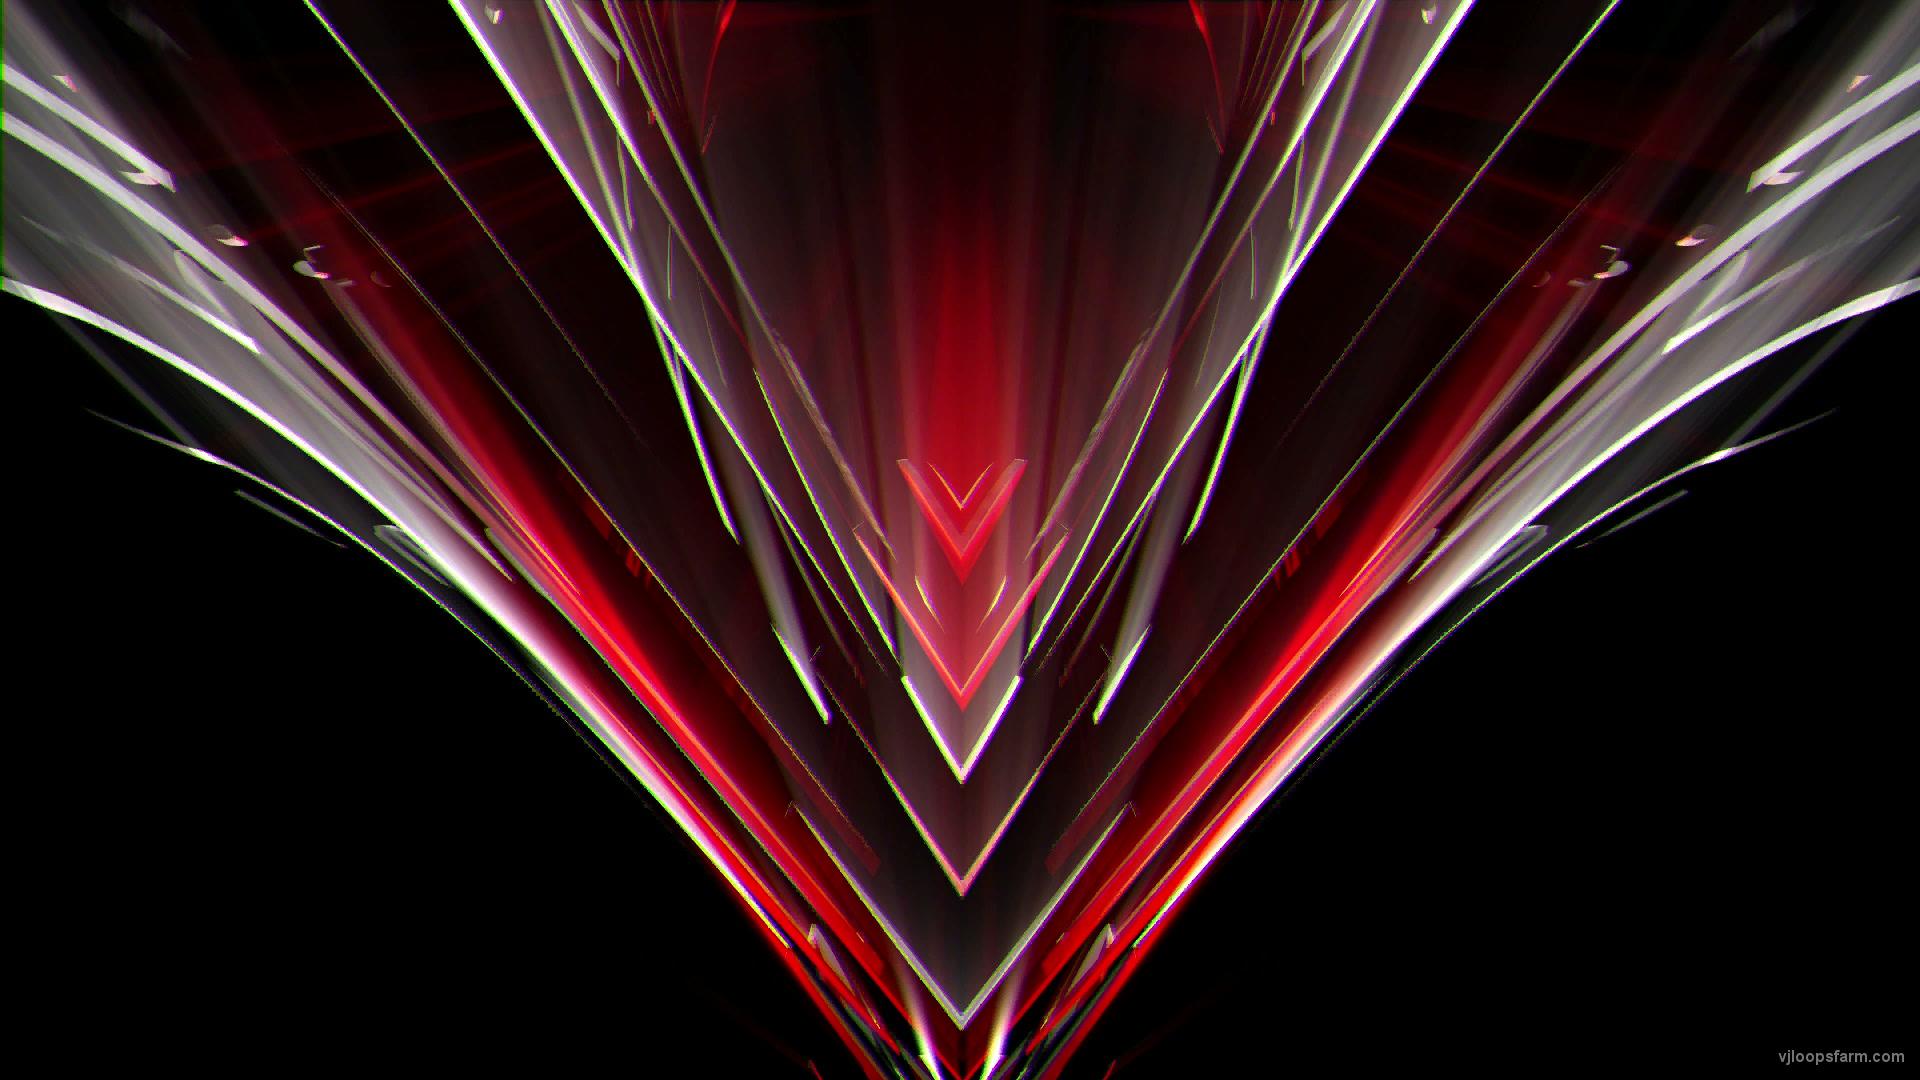 vj video background Red-intention_1920x1080_29fps_VJLoop_LIMEART_003